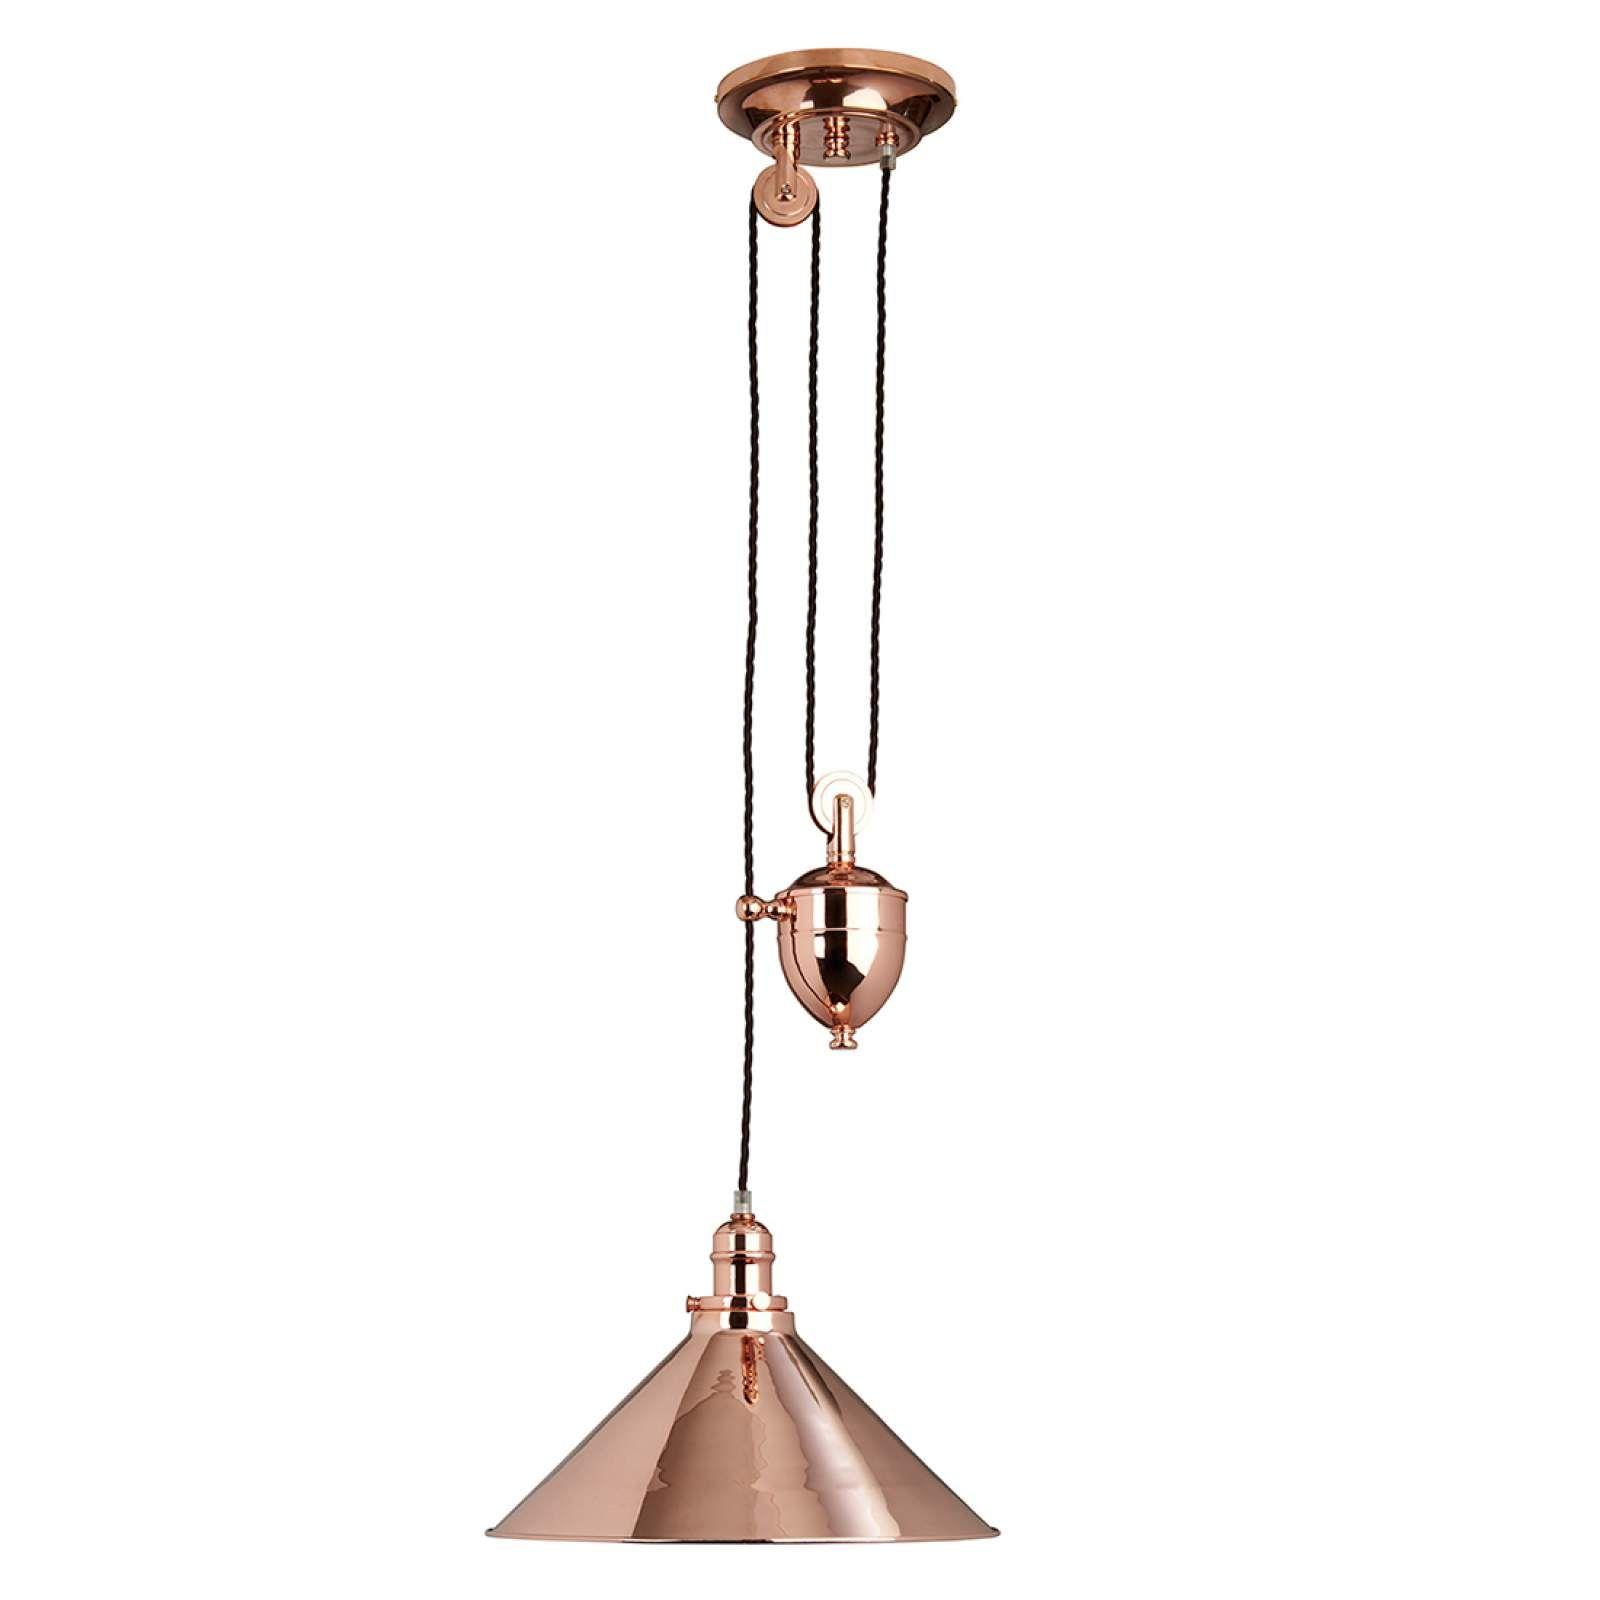 Deckenbeleuchtung Wohnraum Flur Schlafzimmer LED Deckenlampe Bronze 85cm